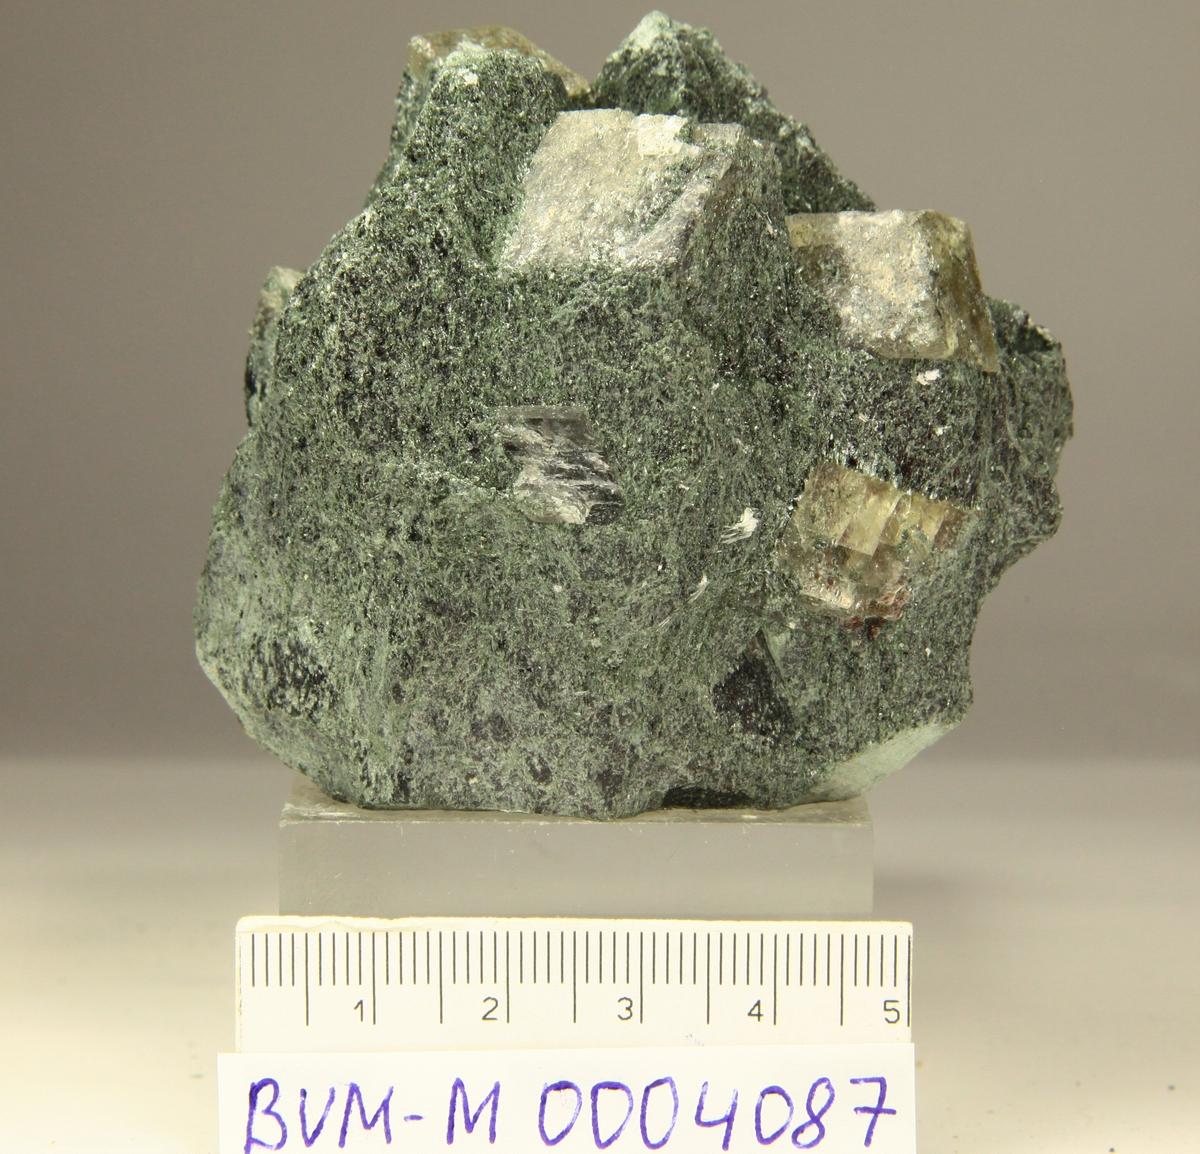 Magnesitt, grågul og gjennomskinnelig, i kloritt. 3 xls.